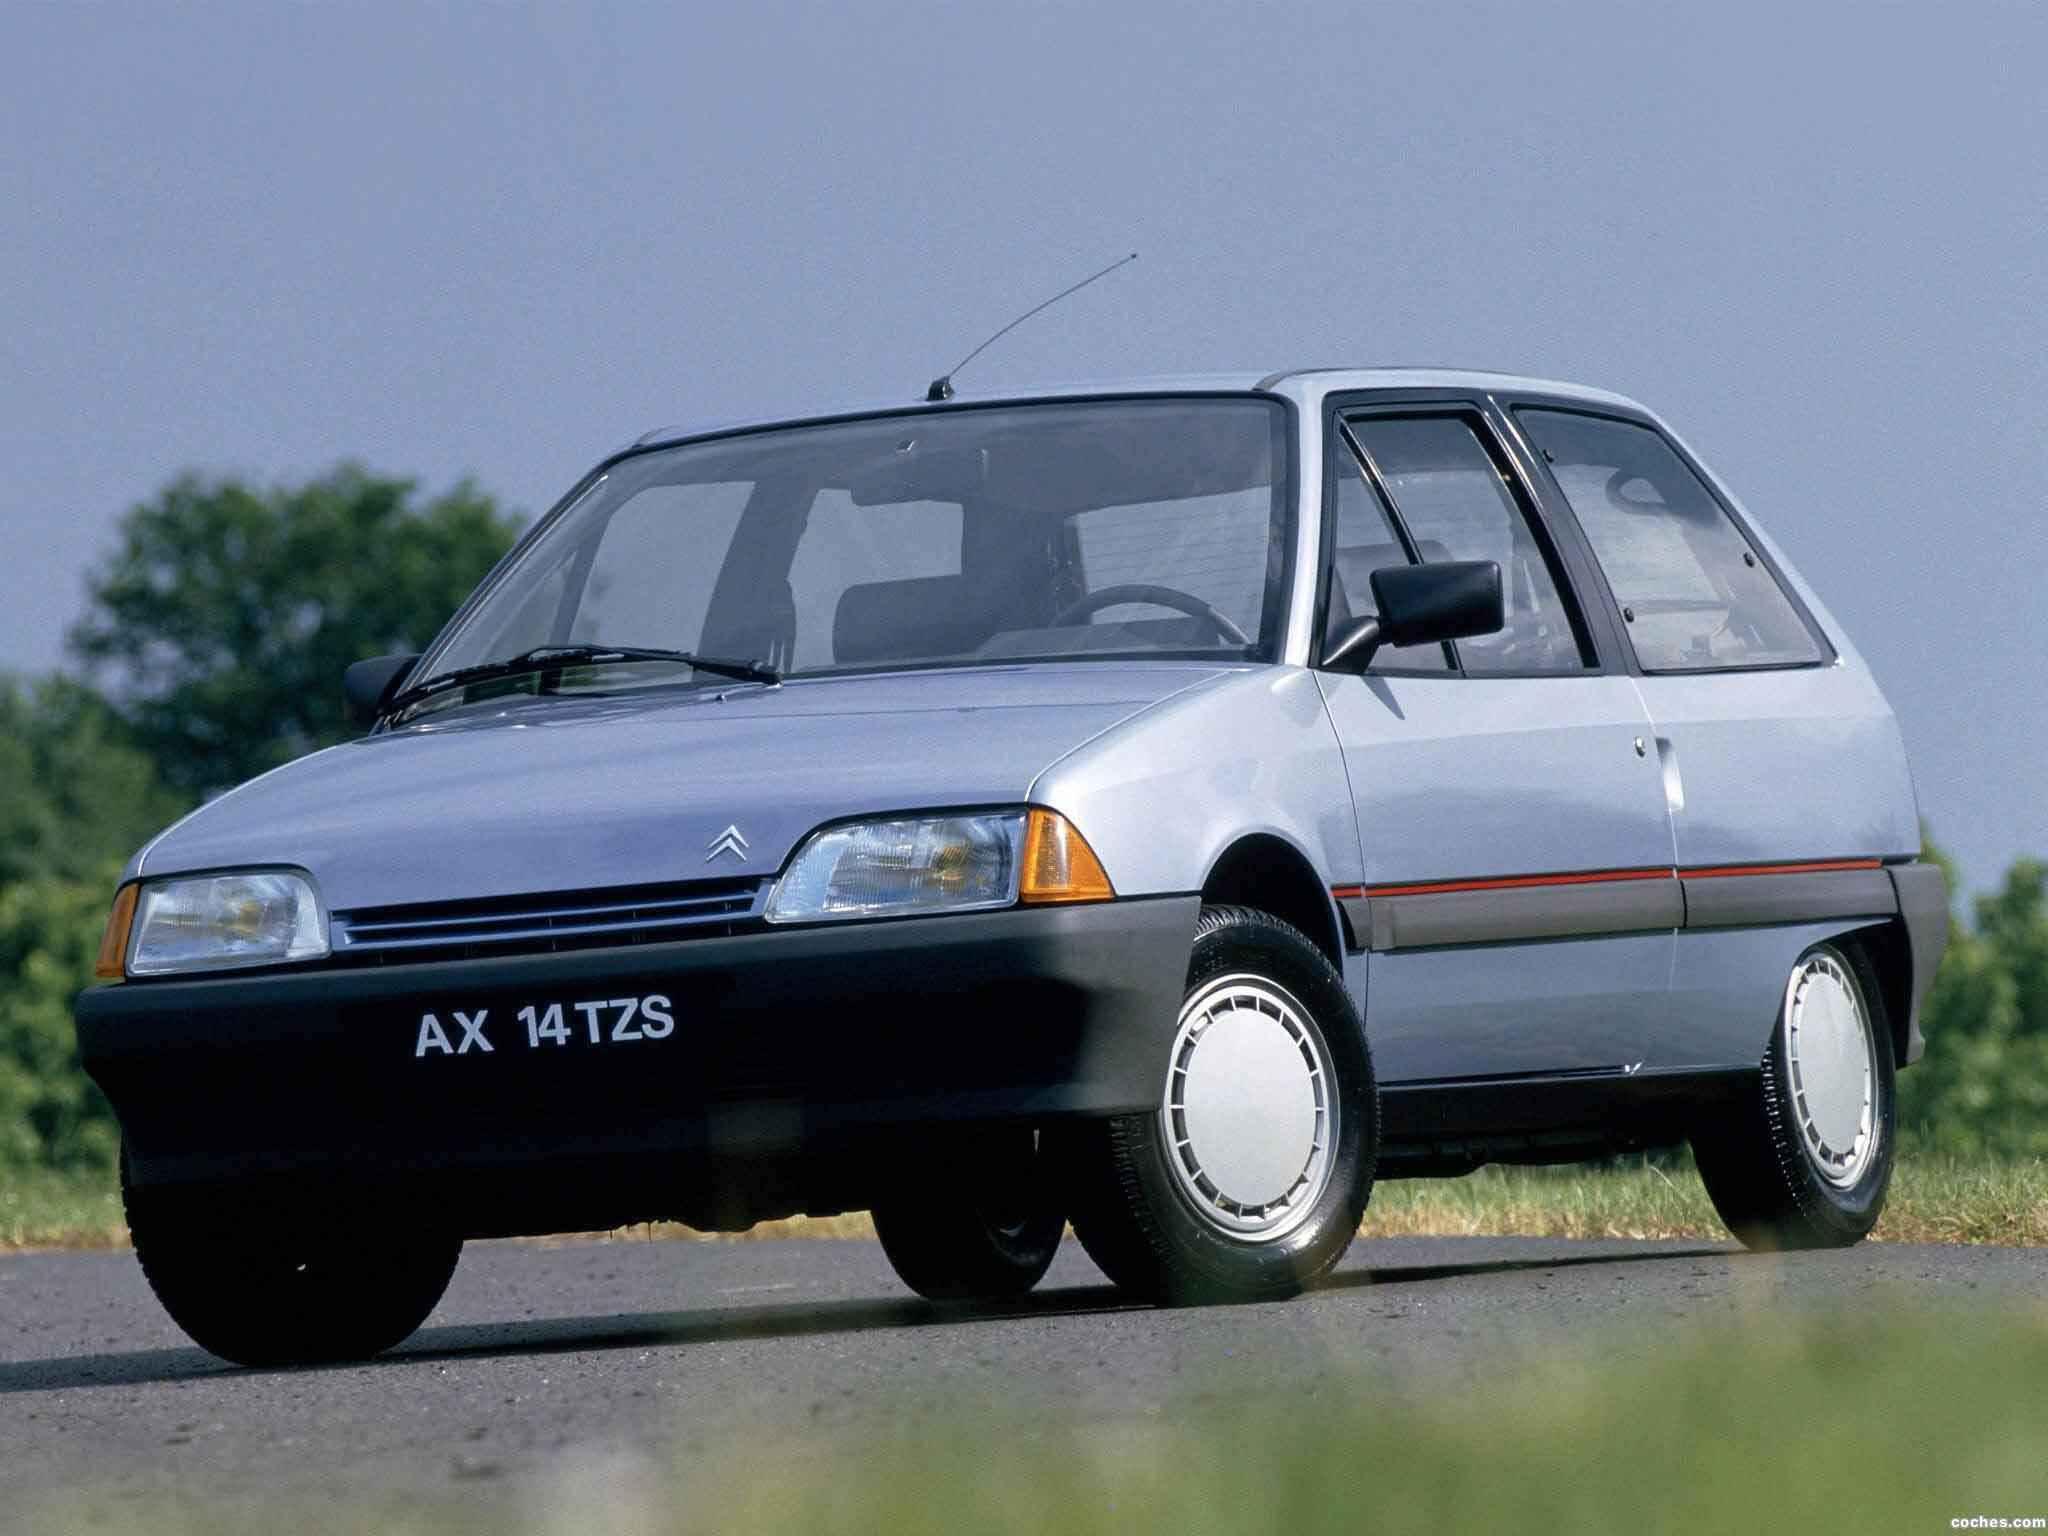 سيارات مستعمله - ستروين AX